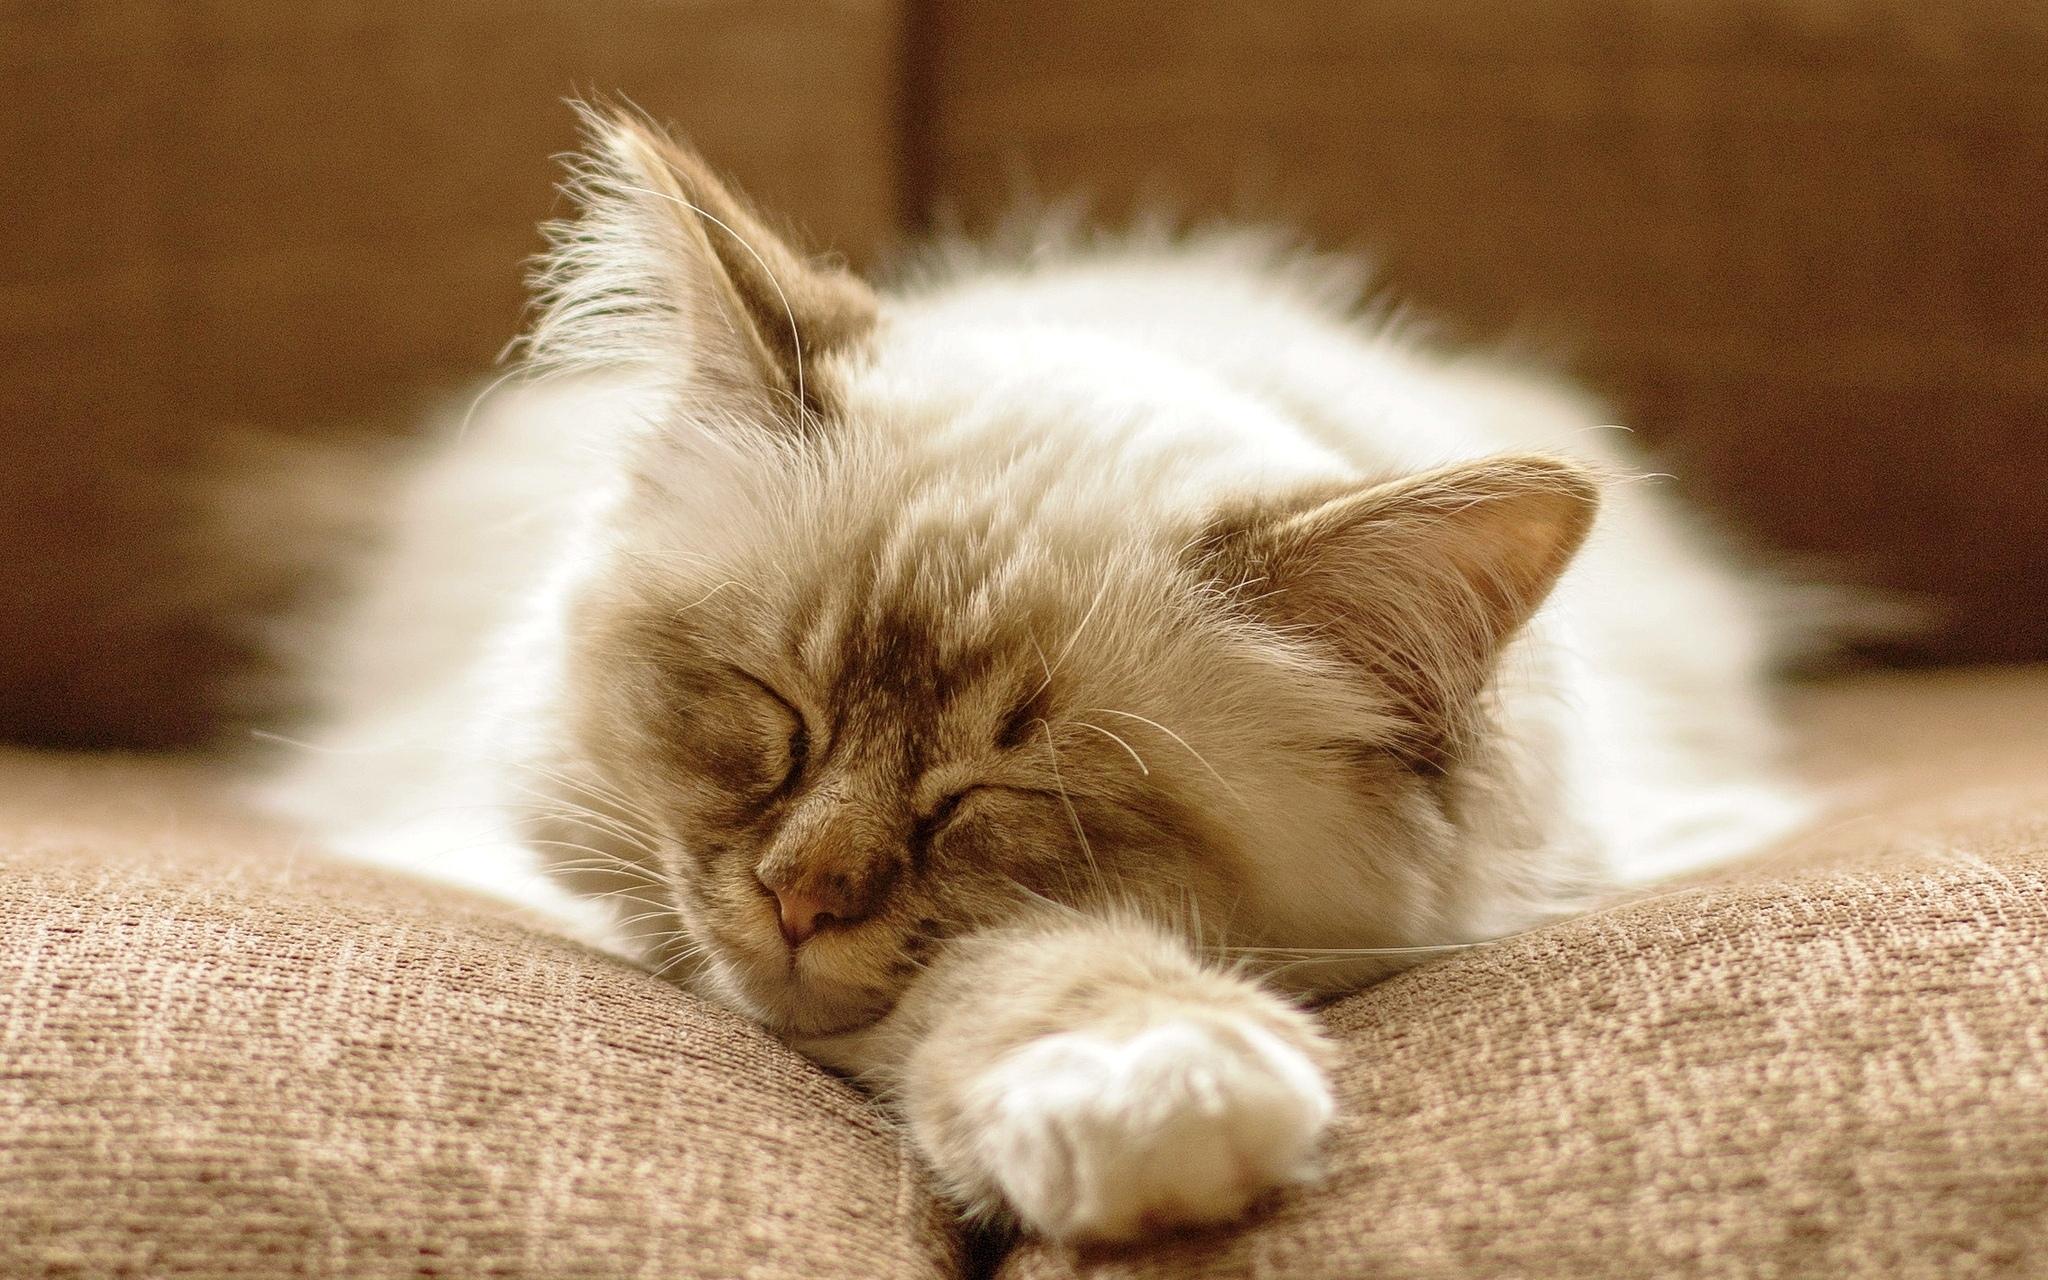 котята сон  № 3648399 бесплатно